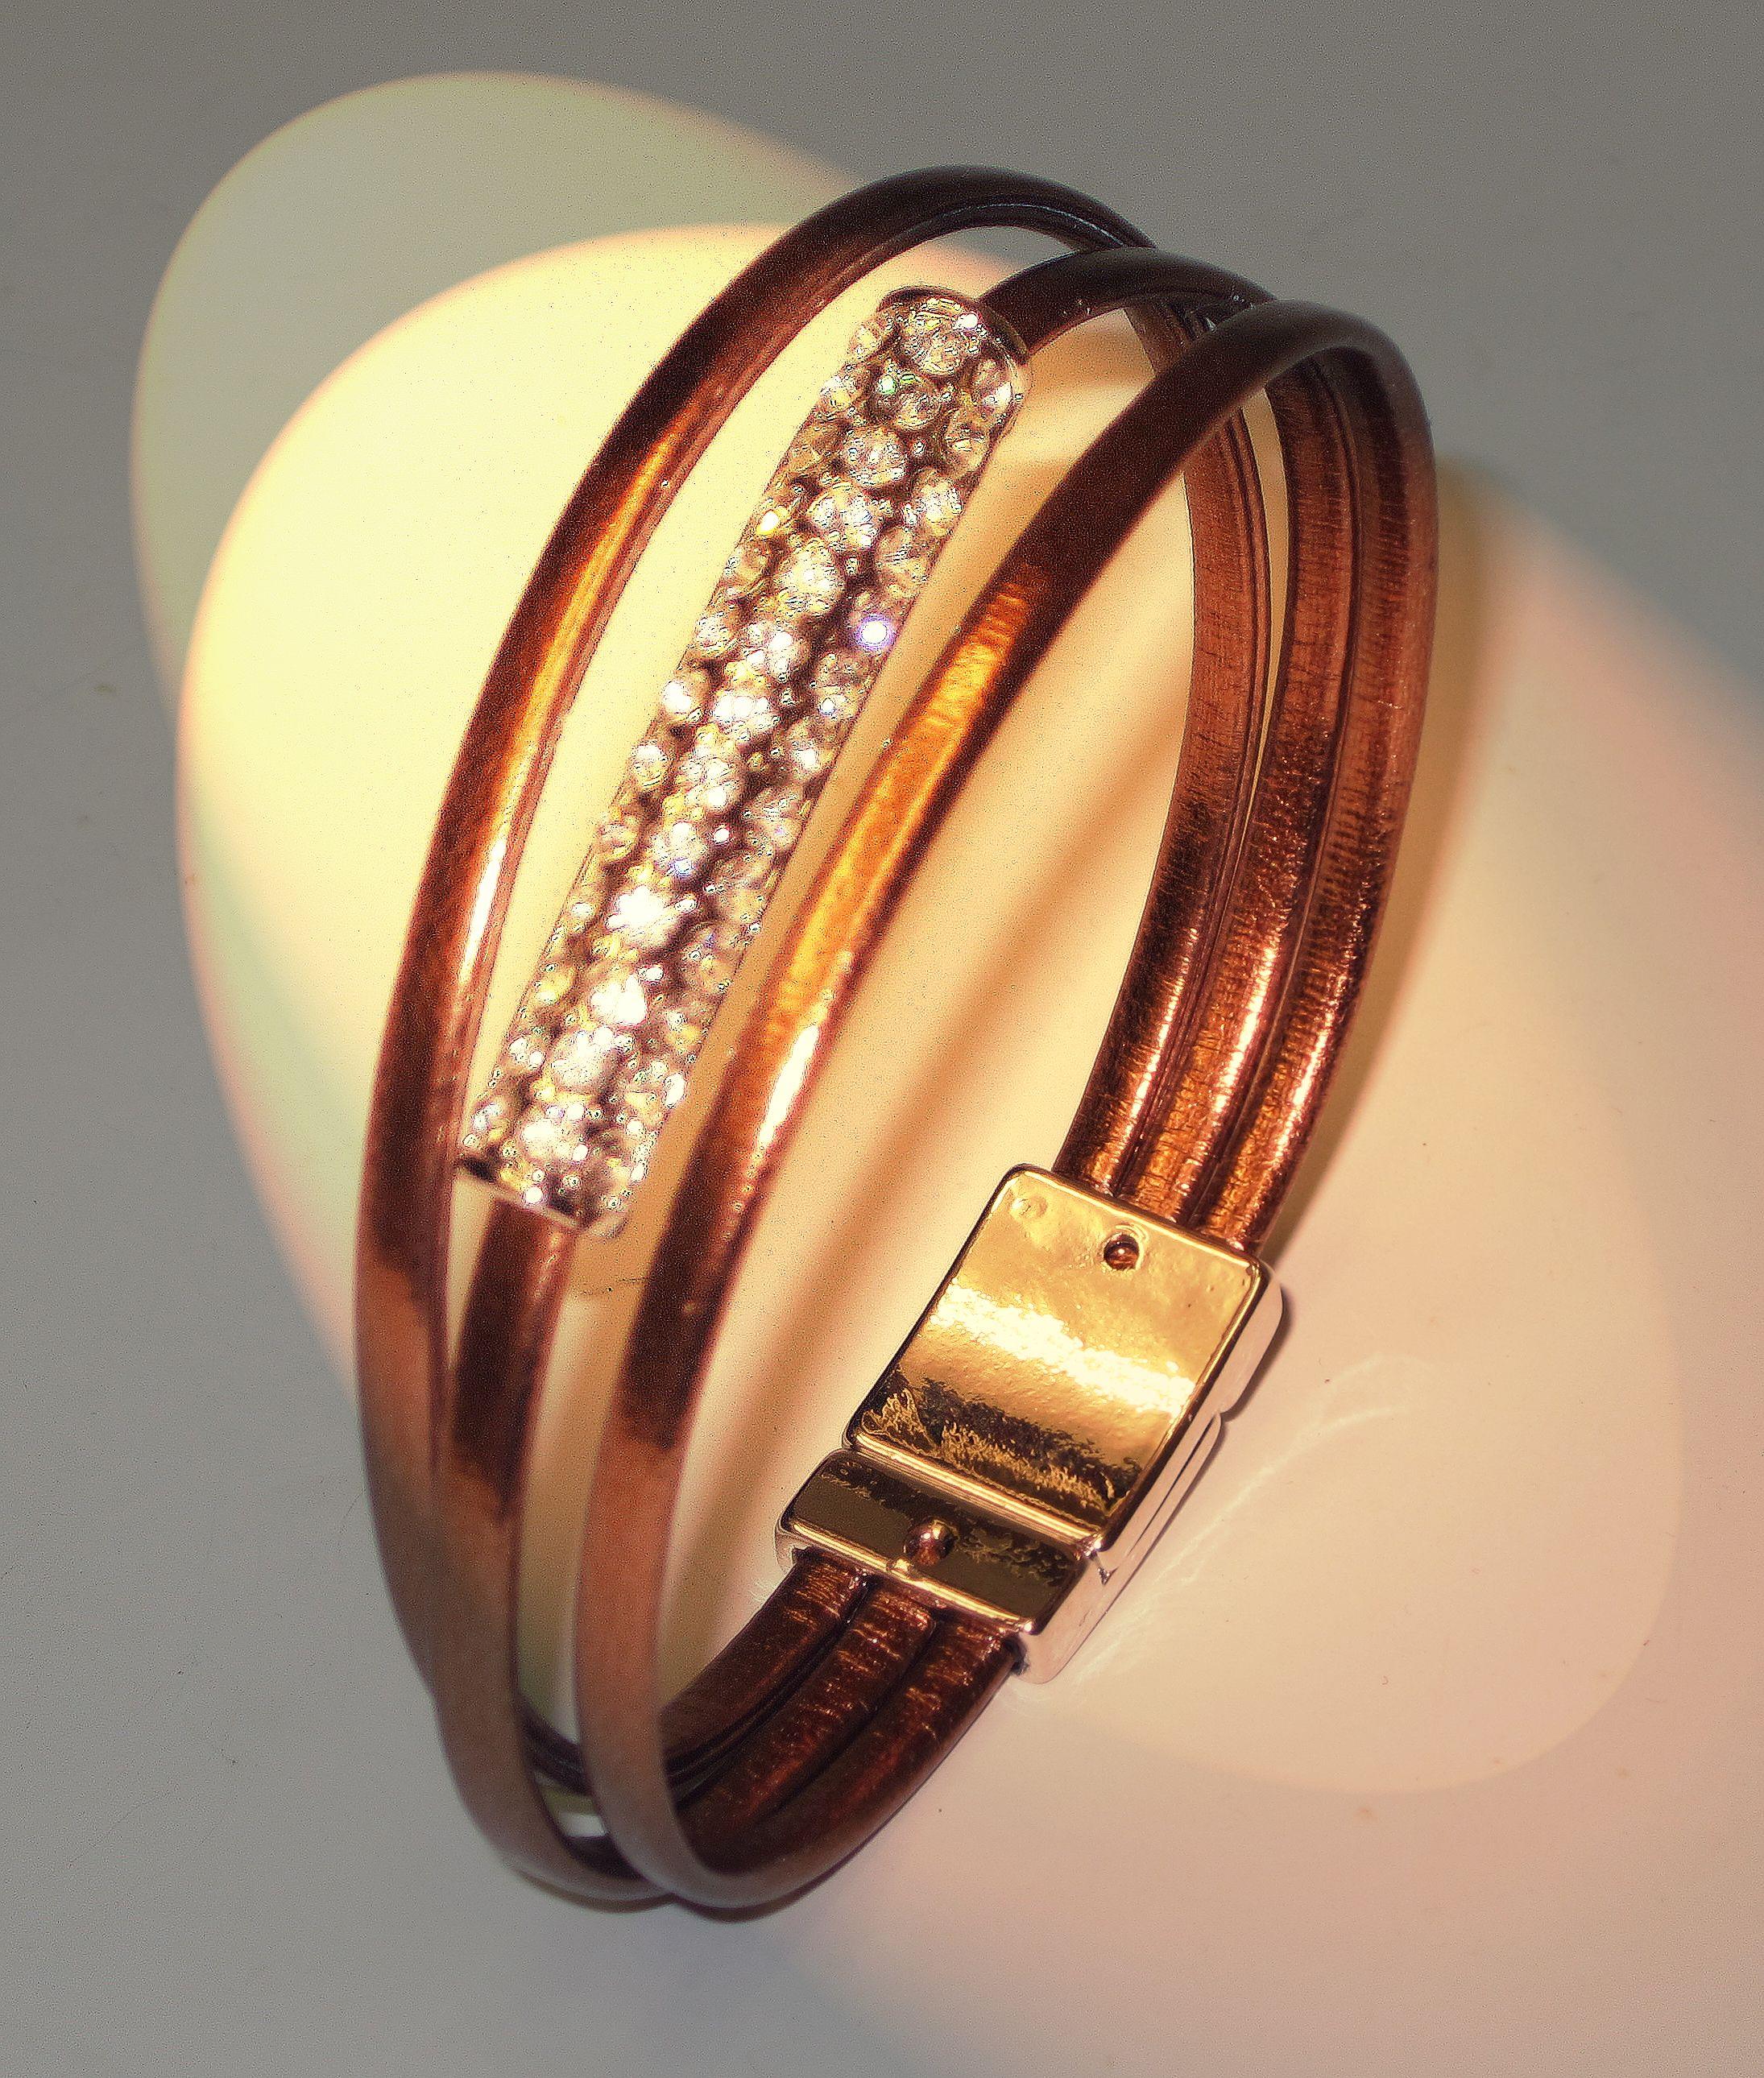 af2324a49935 Pulsera de cuero revestido con cierre de imán. Color cobre y cristales  brillantes. Un toque de glamour.  pulseras  bracelet  handmade